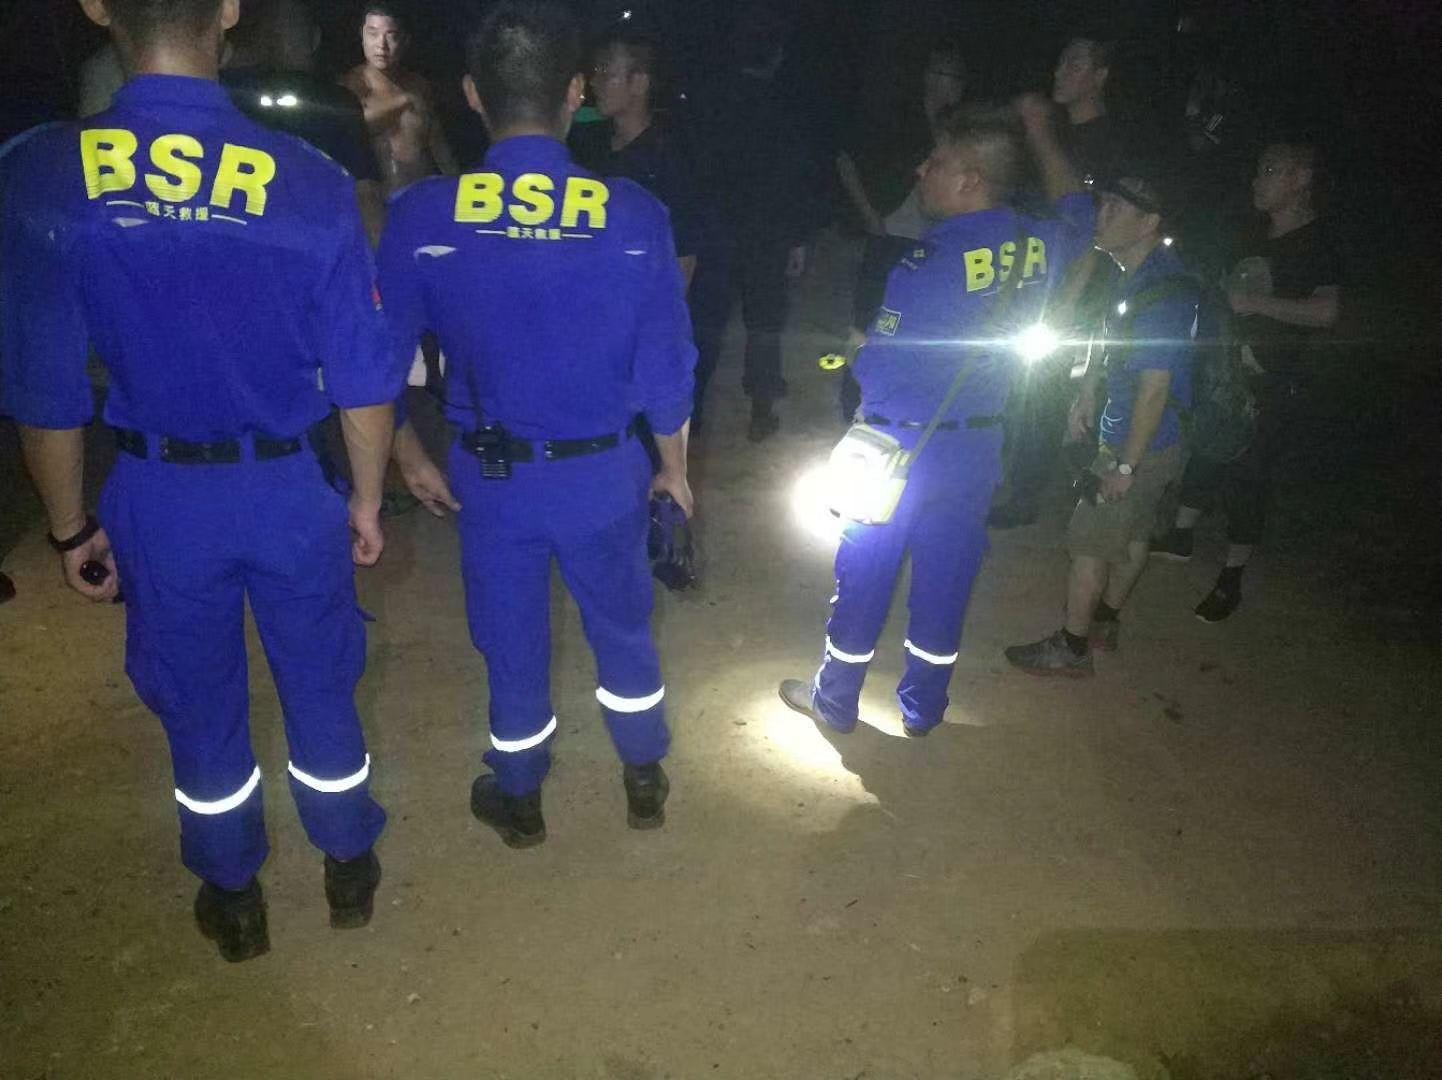 走失青年被困河中央 救援队开展深夜大营救